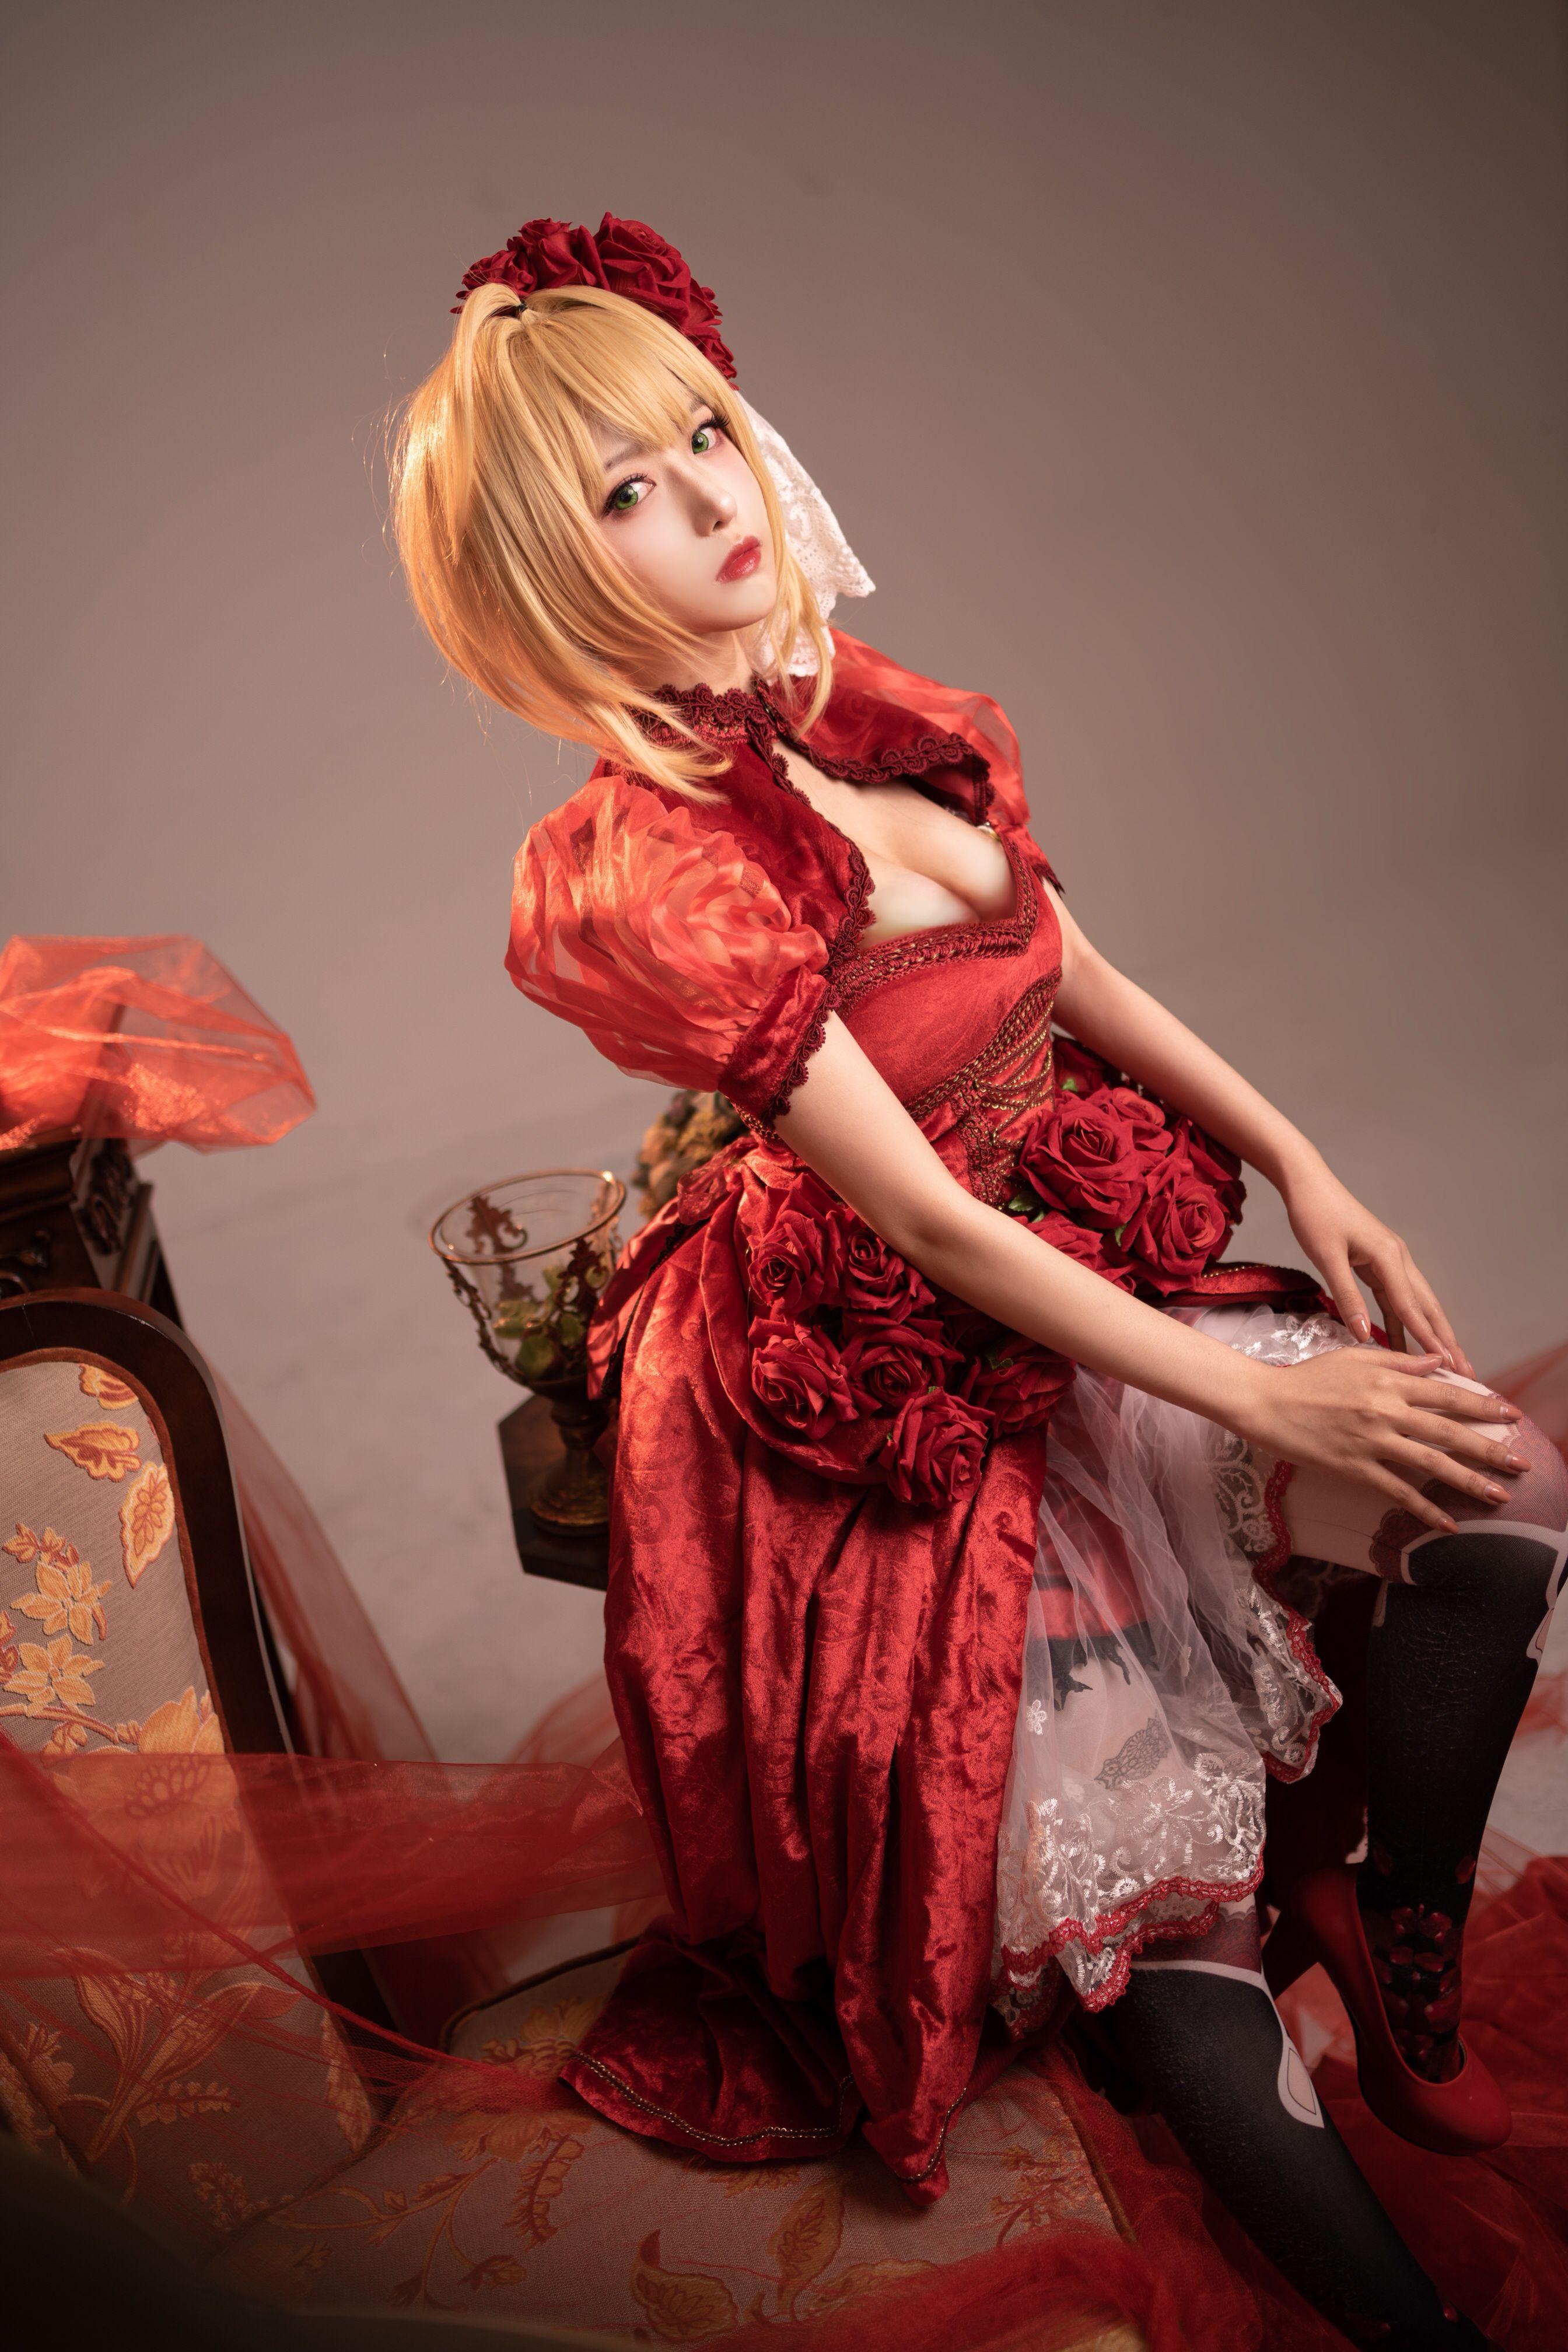 Shika小鹿鹿尼禄礼服写真,美艳的尼禄等待召唤